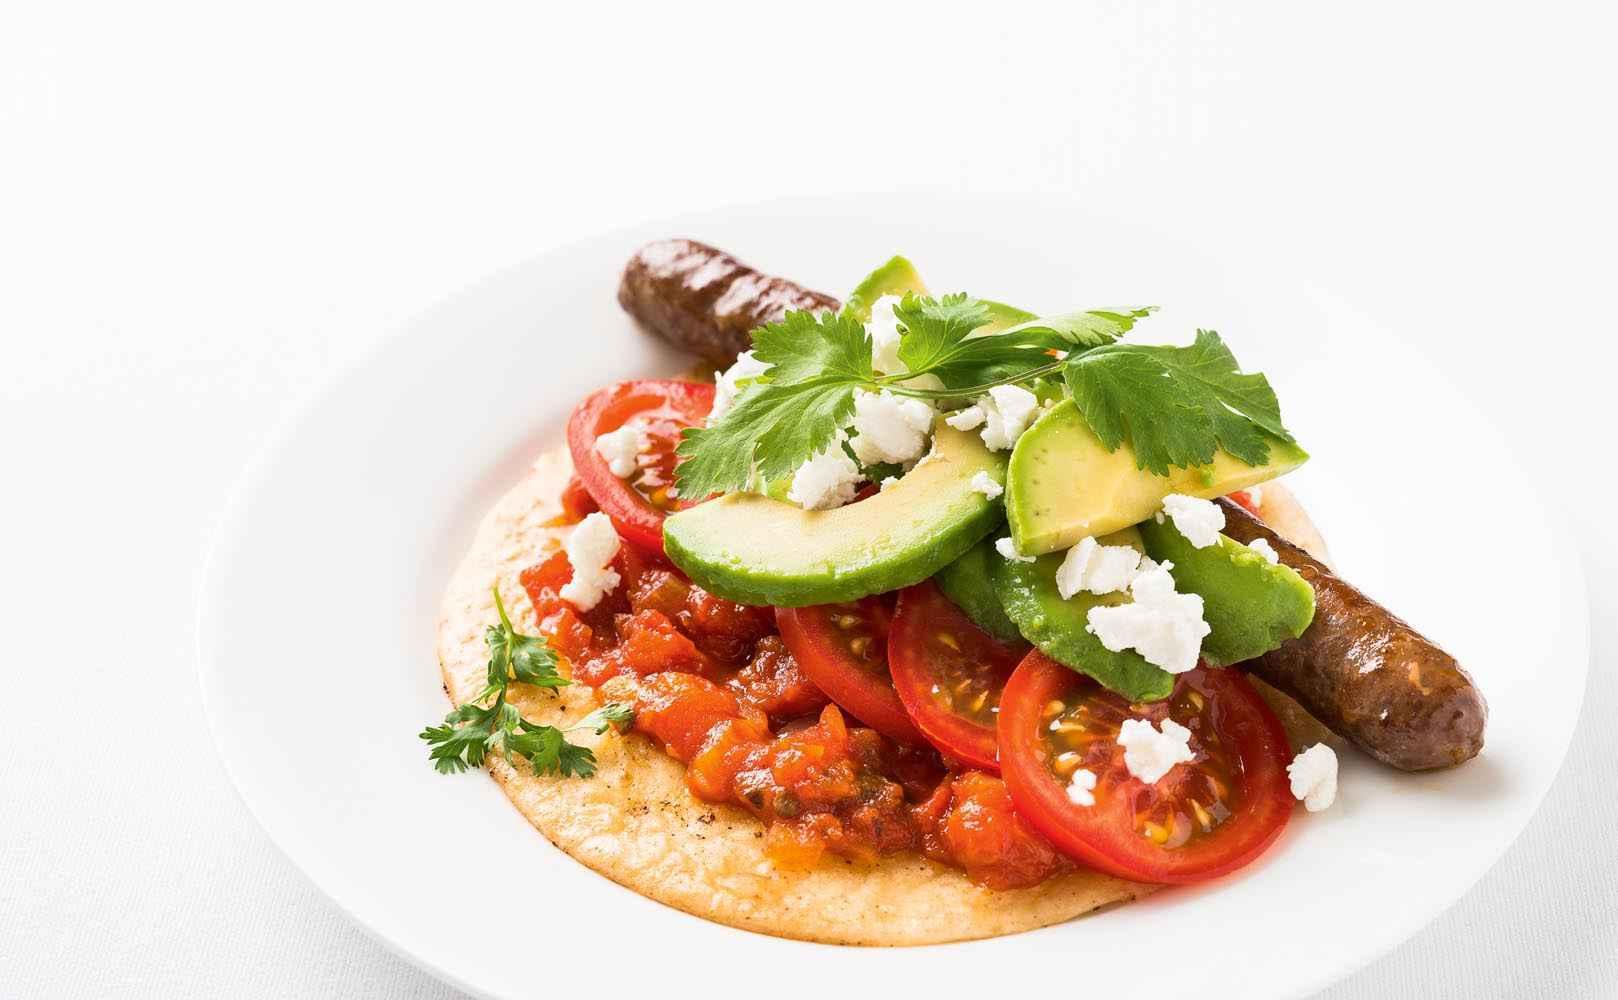 Go to Rezept für Taco mit Chipotle-Tomatensalsa, Merguez und Ziegenfrischkäse